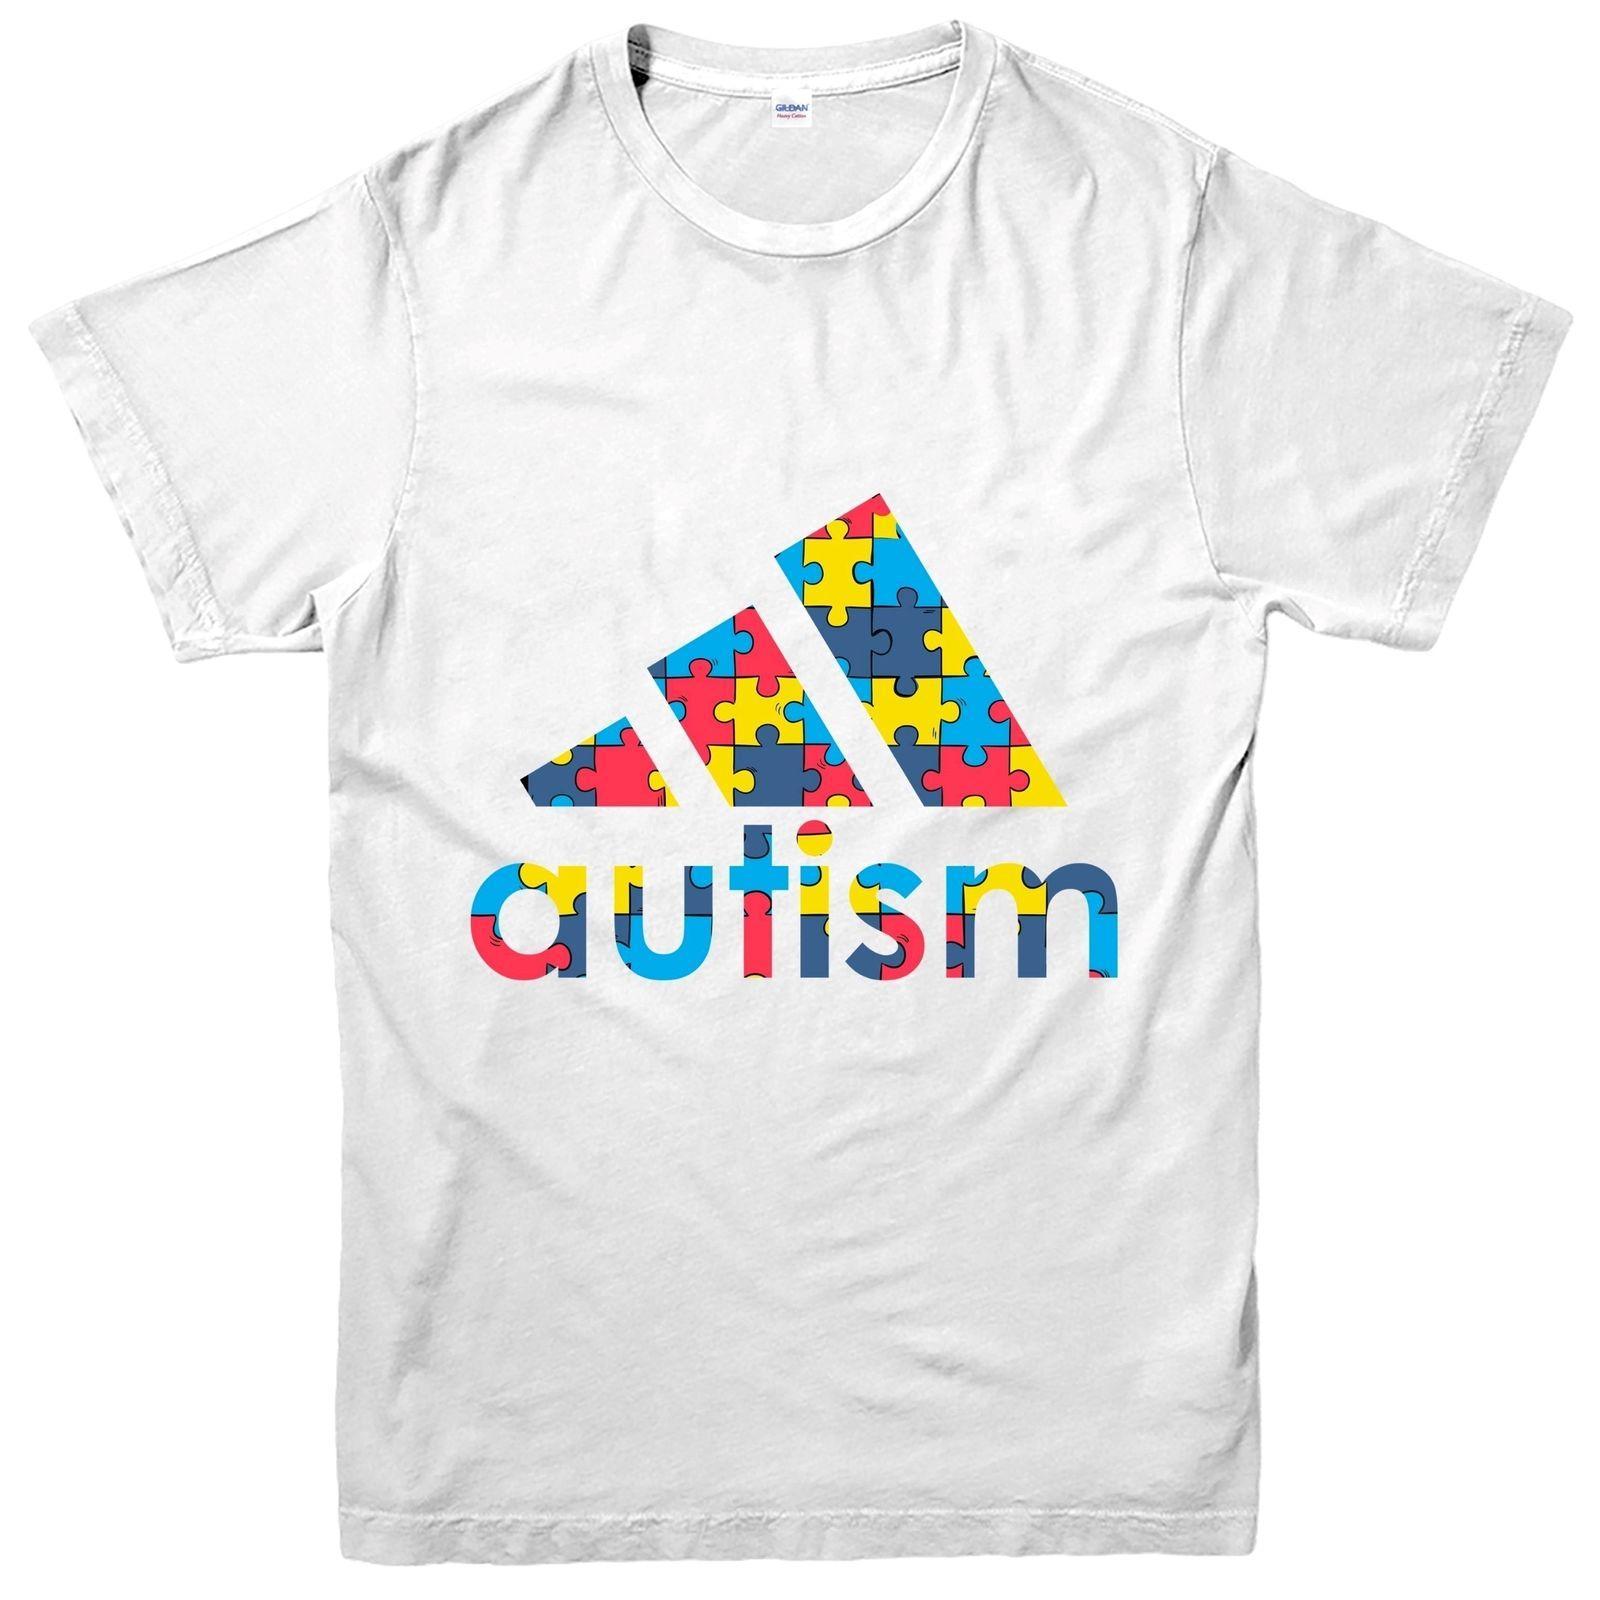 Autism awareness month t-shirt men/'s autism autistic puzzle pieces ribbon tee